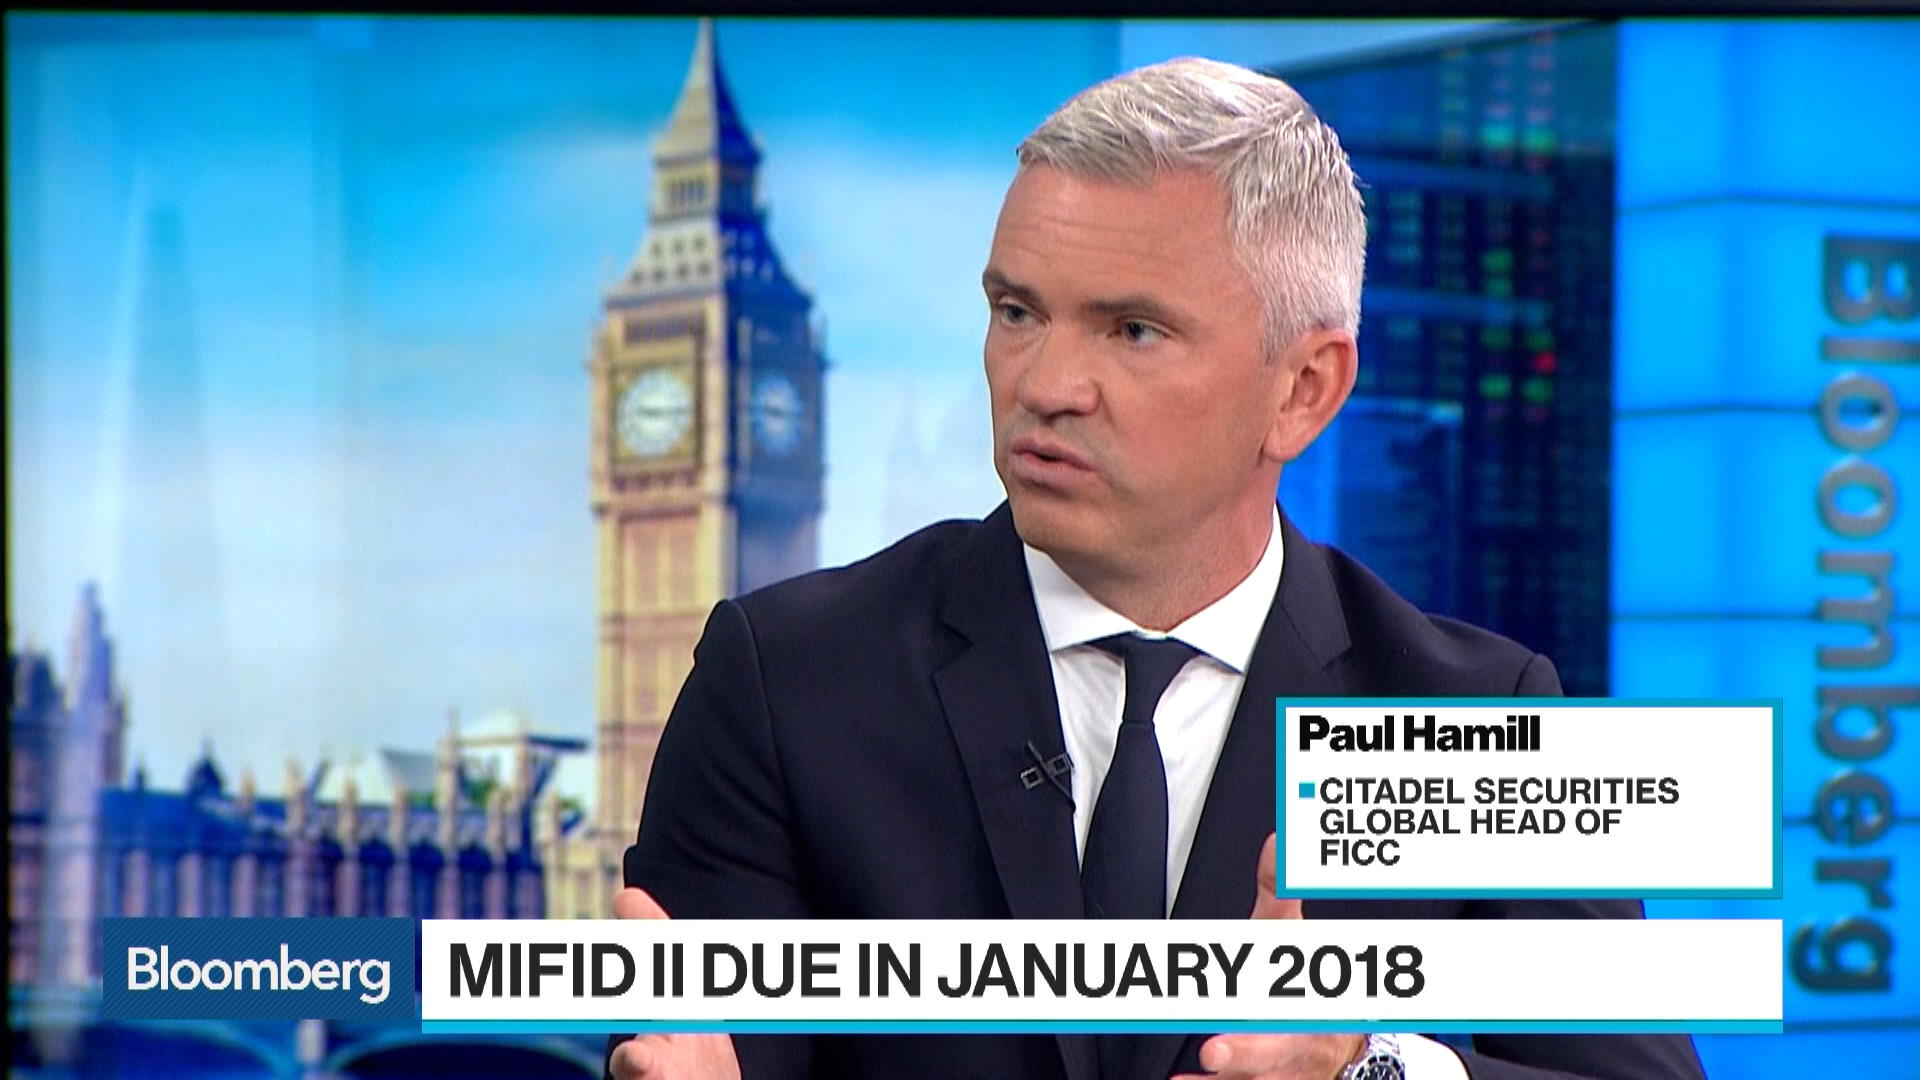 Citadel Securities Sees Risks in EU's MiFid II Overhaul